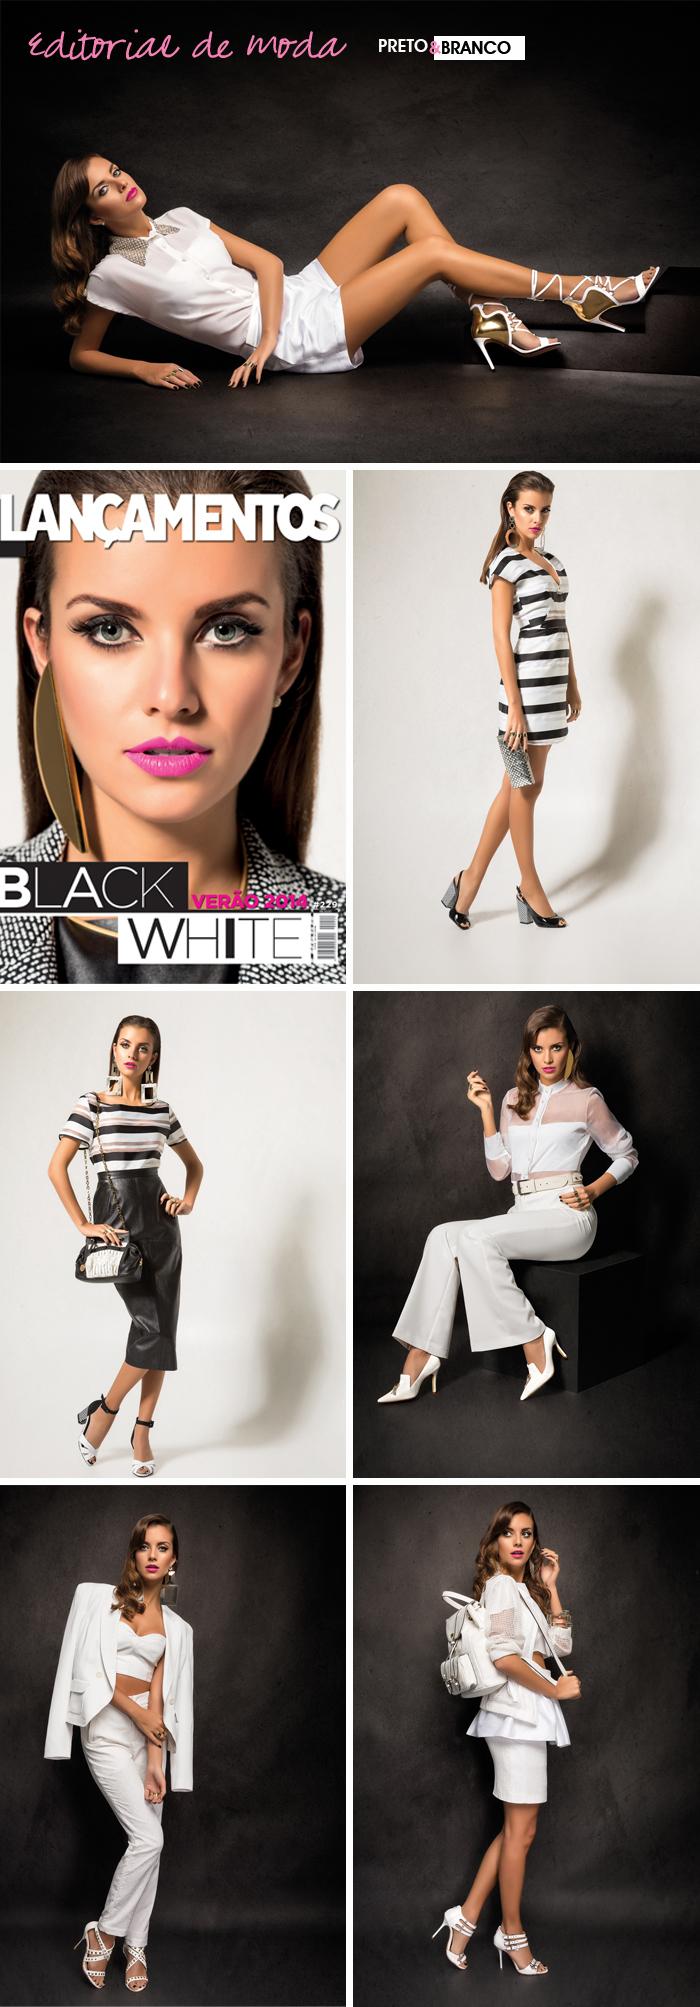 Editorial de moda tendência preto e branco Revista Lançamentos Site de moda feminina MeninaIT